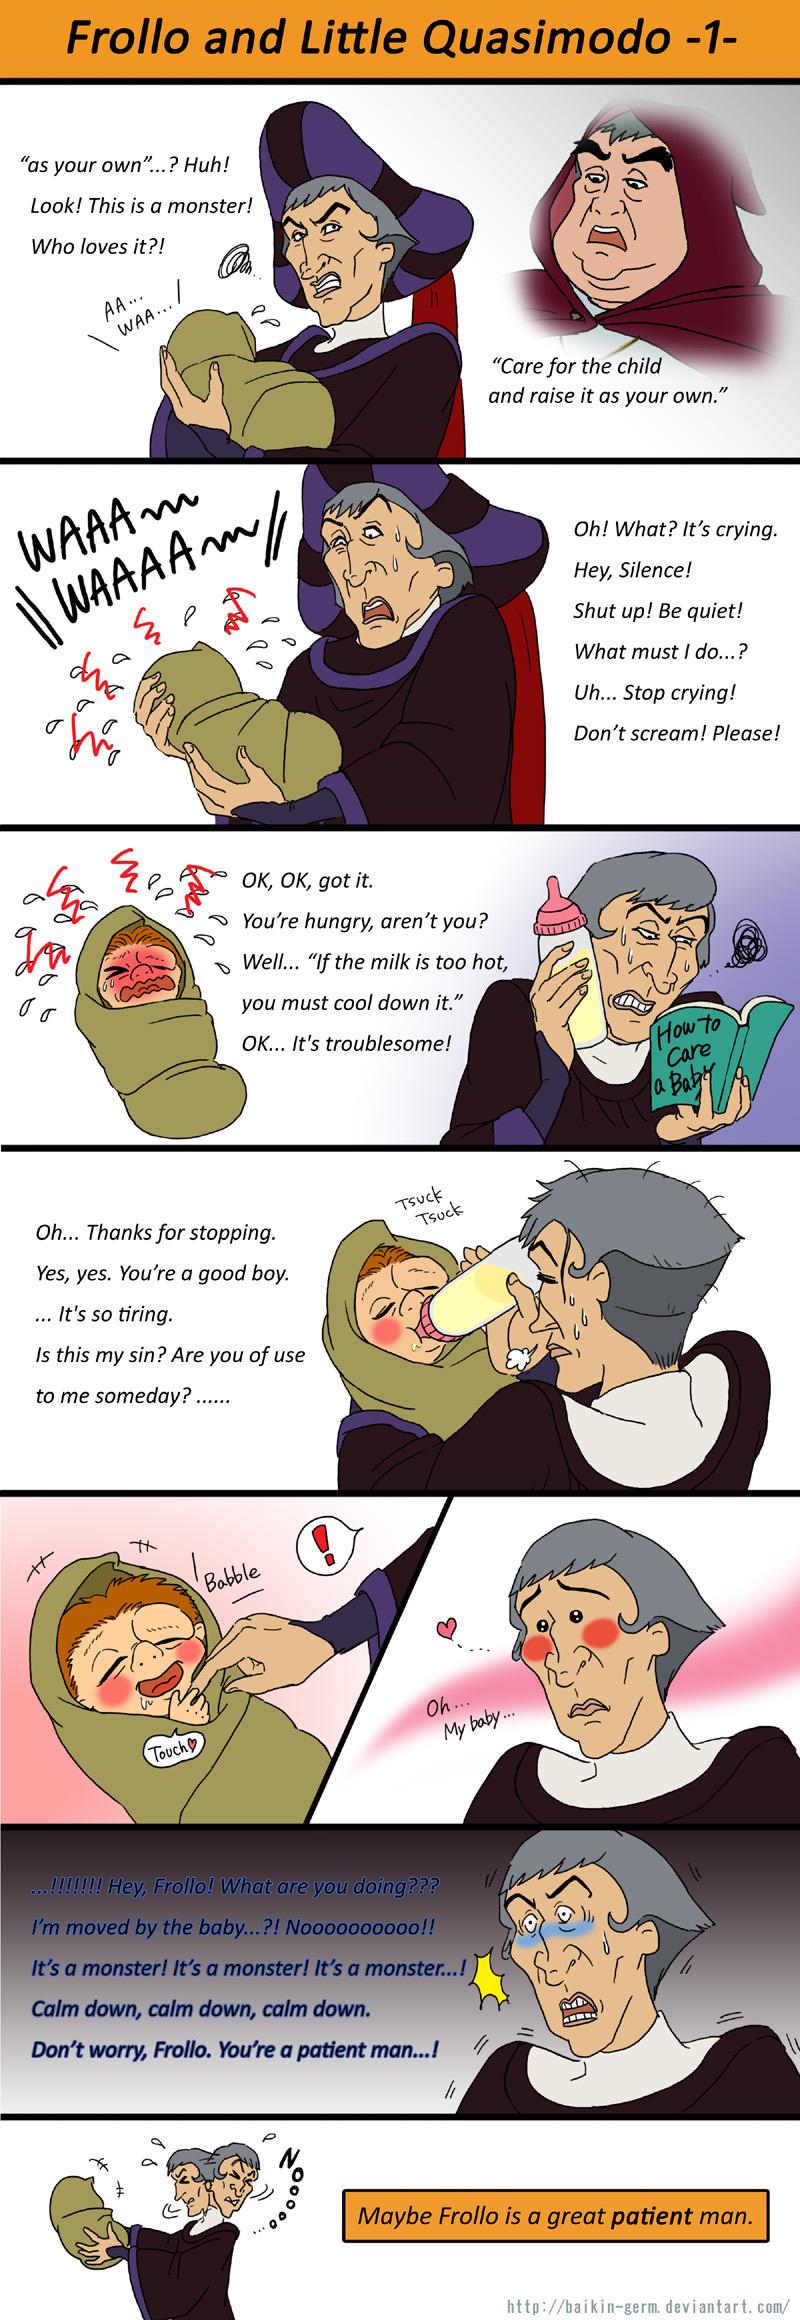 L'image qui roxe du saucisson - Page 2 Frollo_and_little_quasimodo_1_by_baikin_germ-d3ddguz